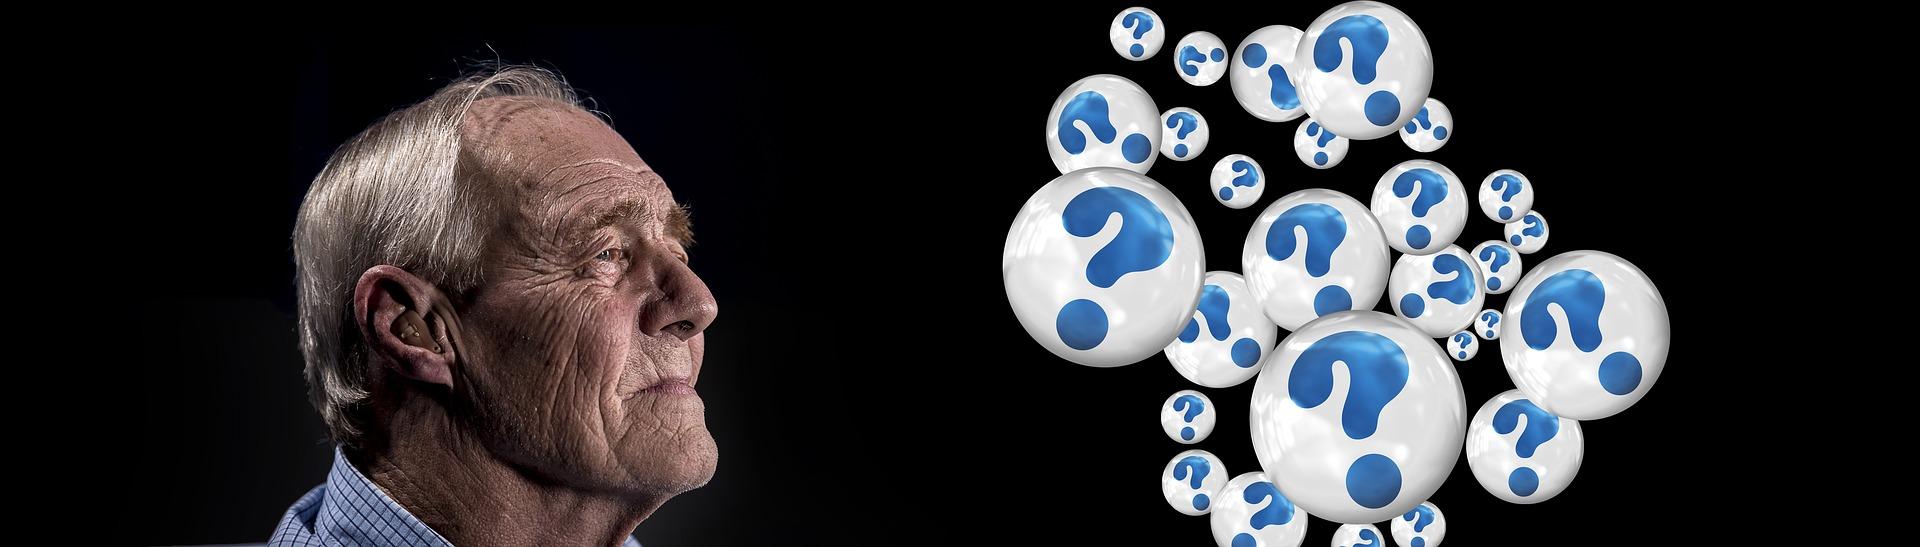 Demencias: el alzhéimer ¿qué es? ¿cómo afecta?